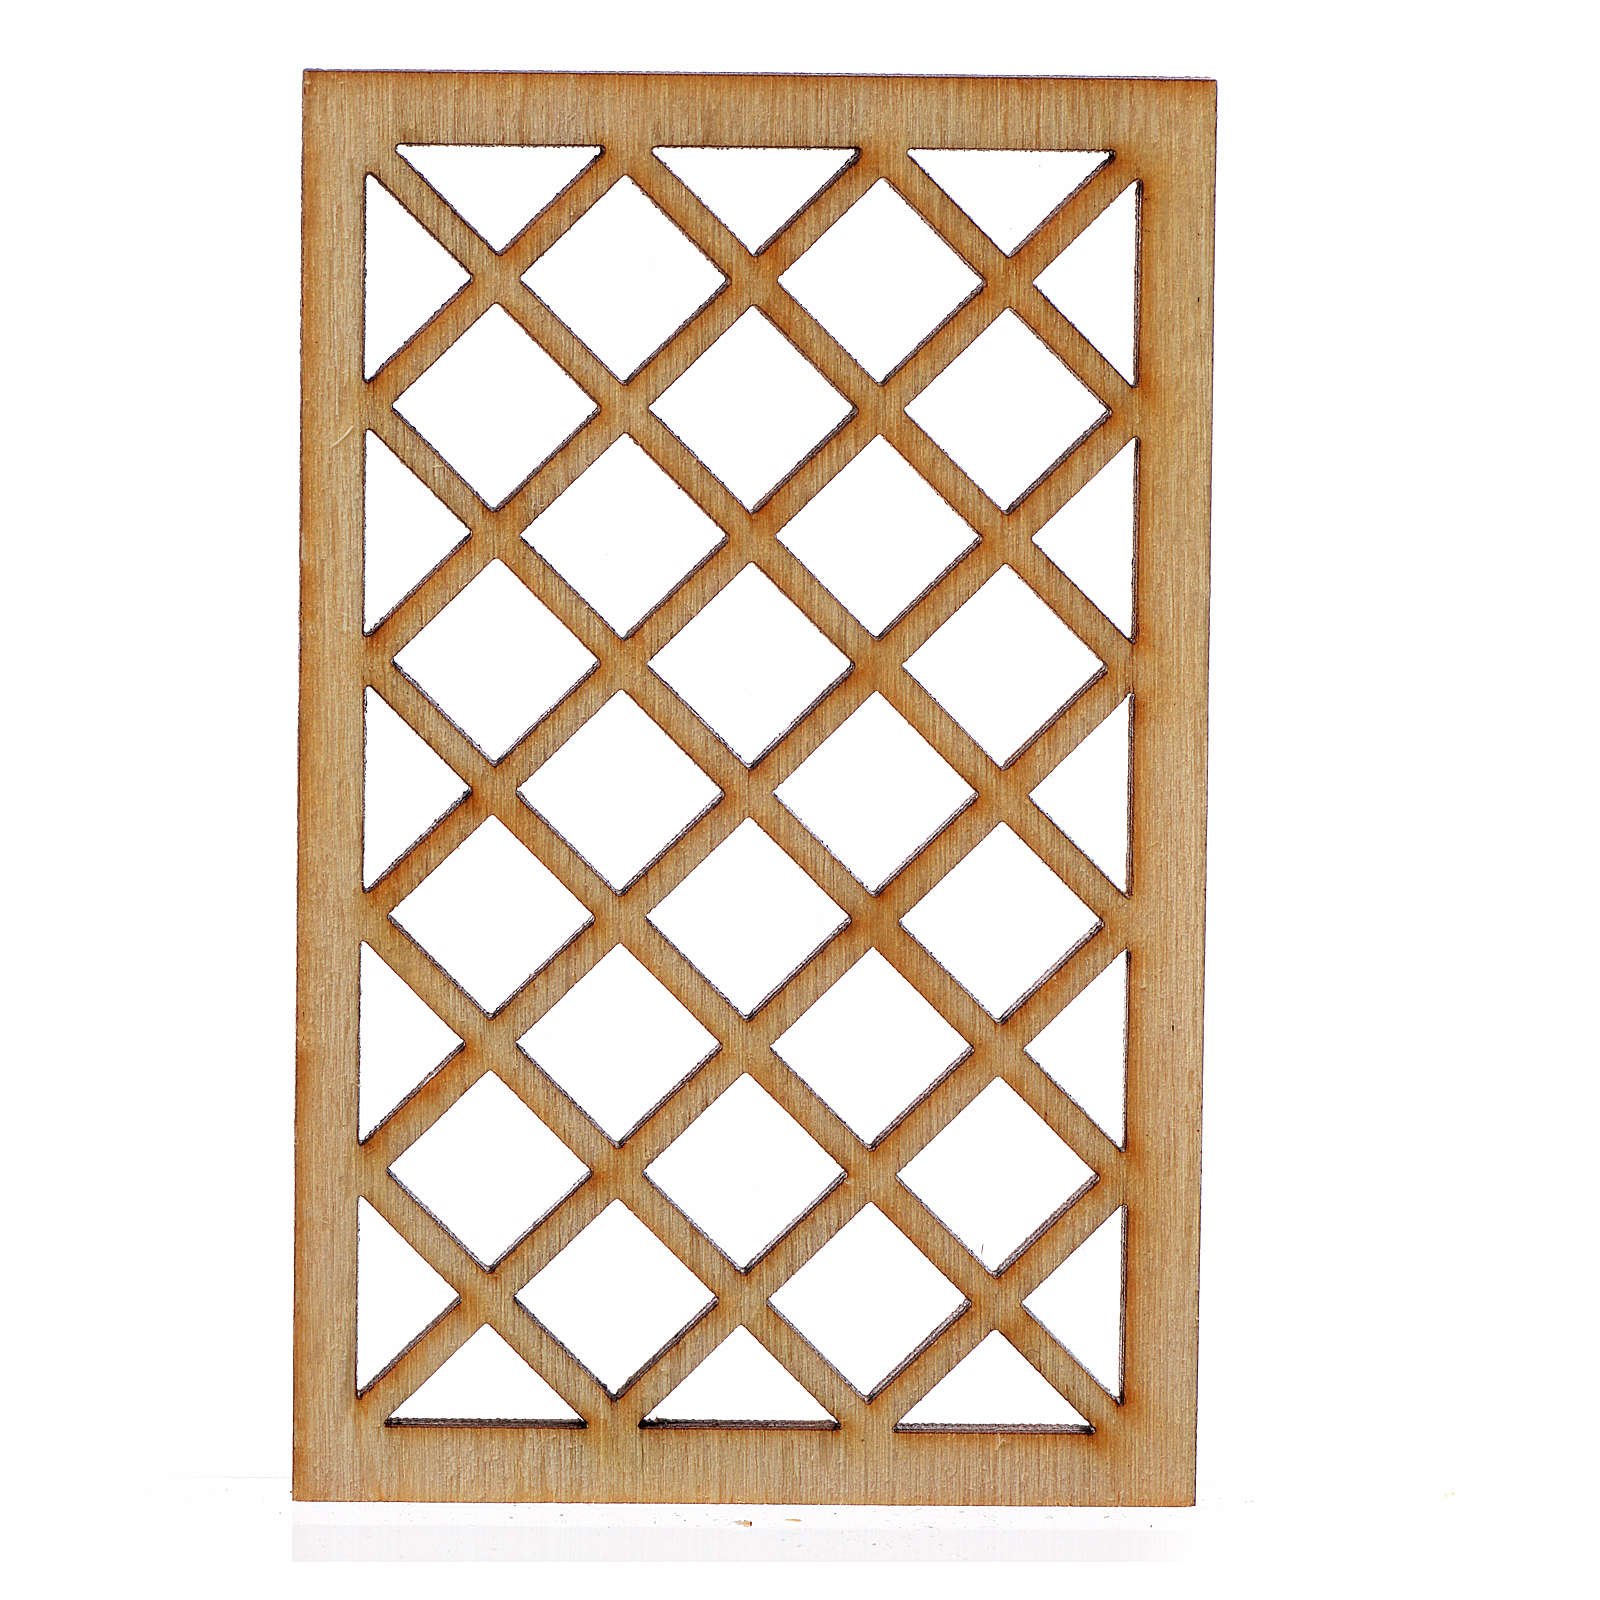 Verja belén madera 7x4,5 cm 4